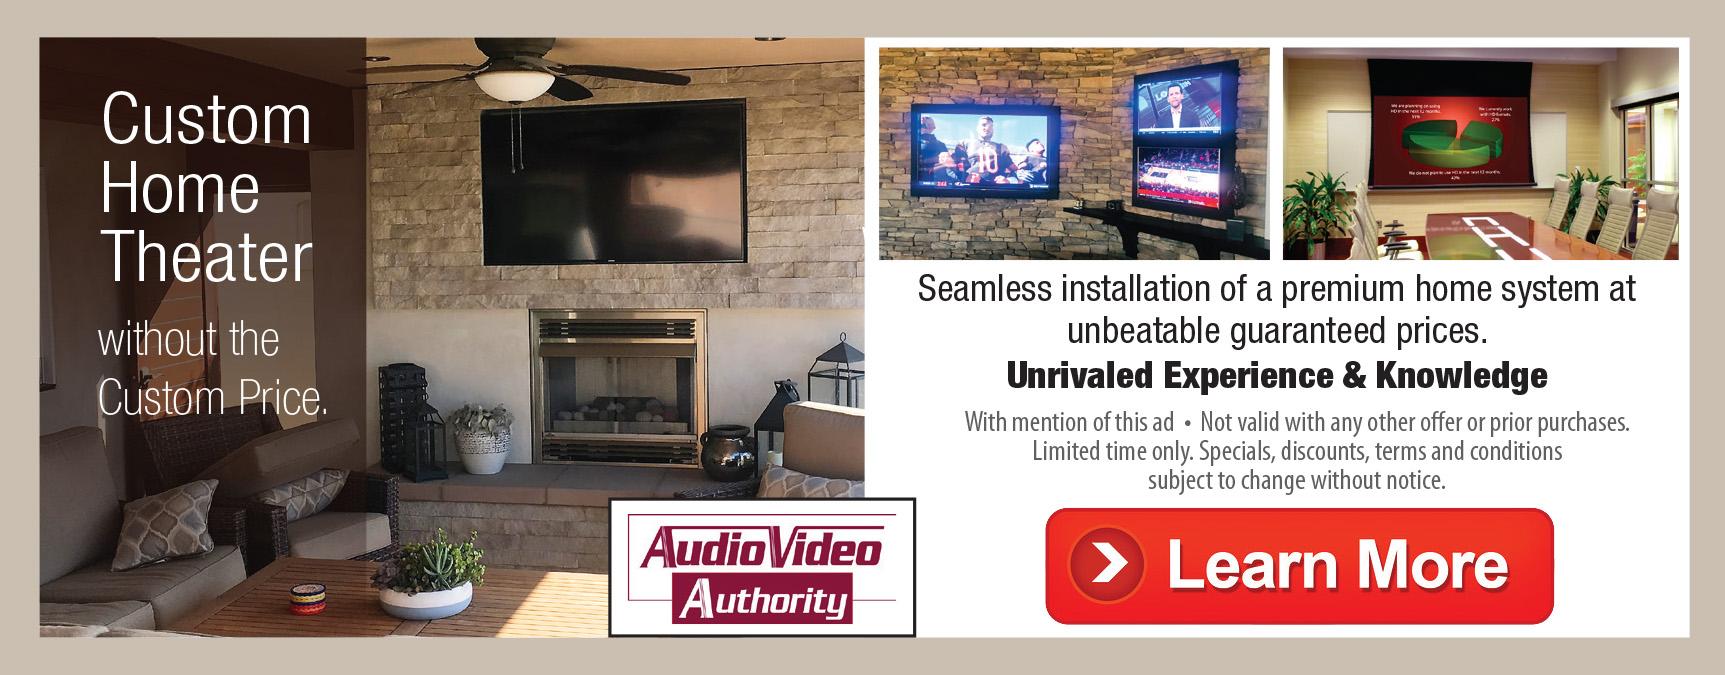 Audio Video_Offer_Reg_02-19.jpg